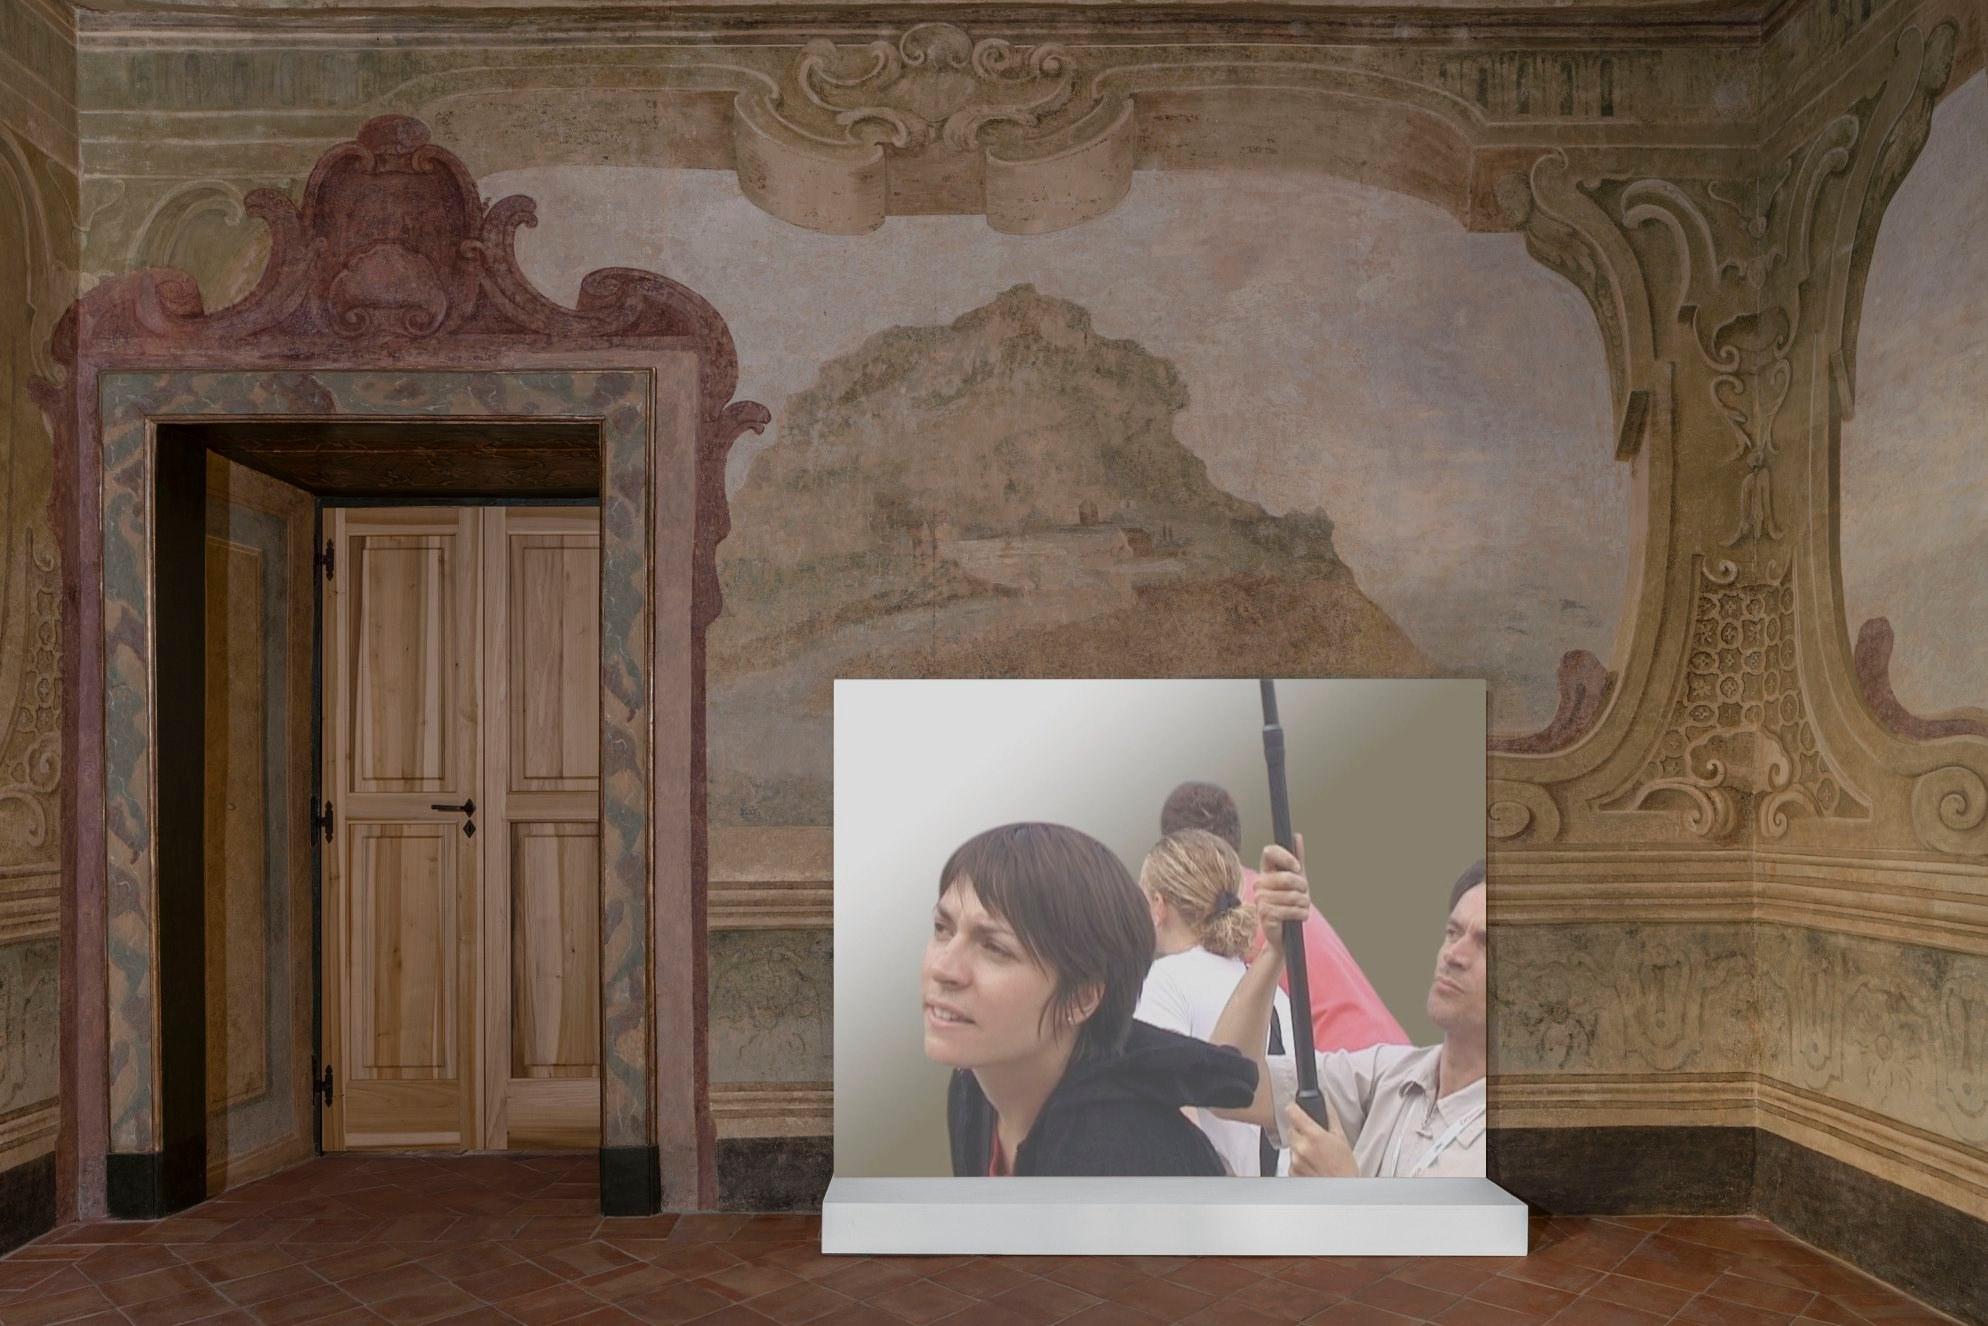 contemporary art Naples - Fondazione Morra Greco